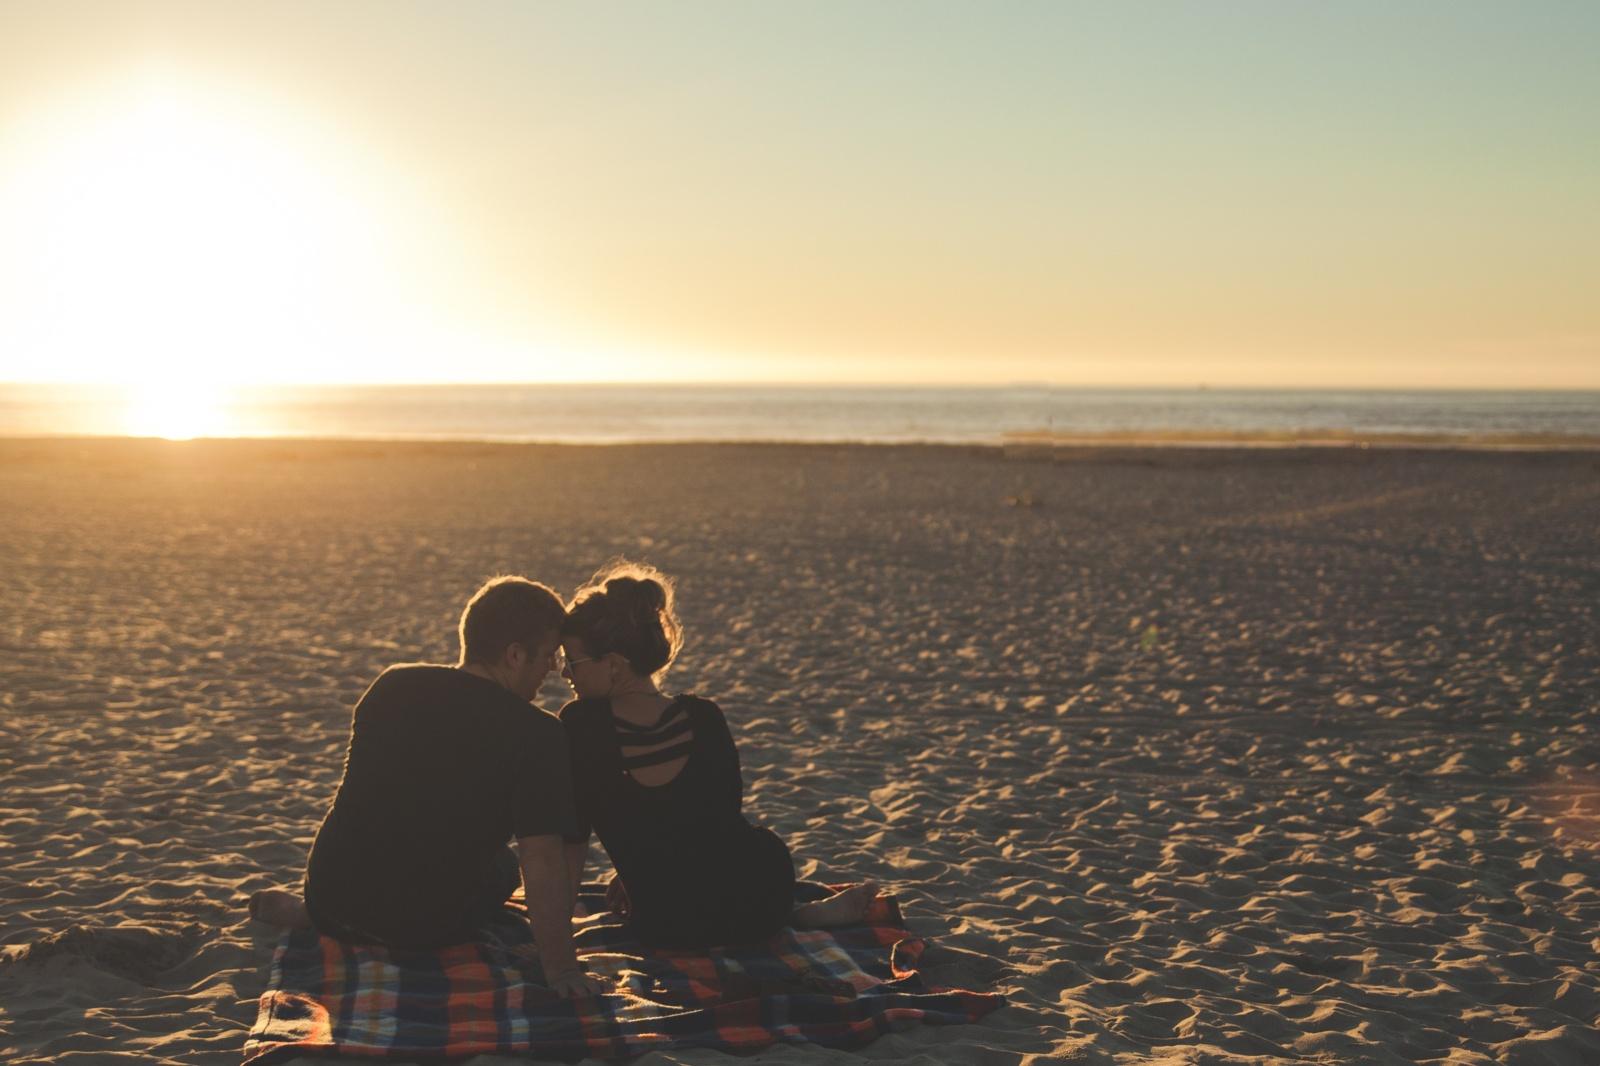 Penki nemalonumai, kurie gresia vedusio vyro meilužei